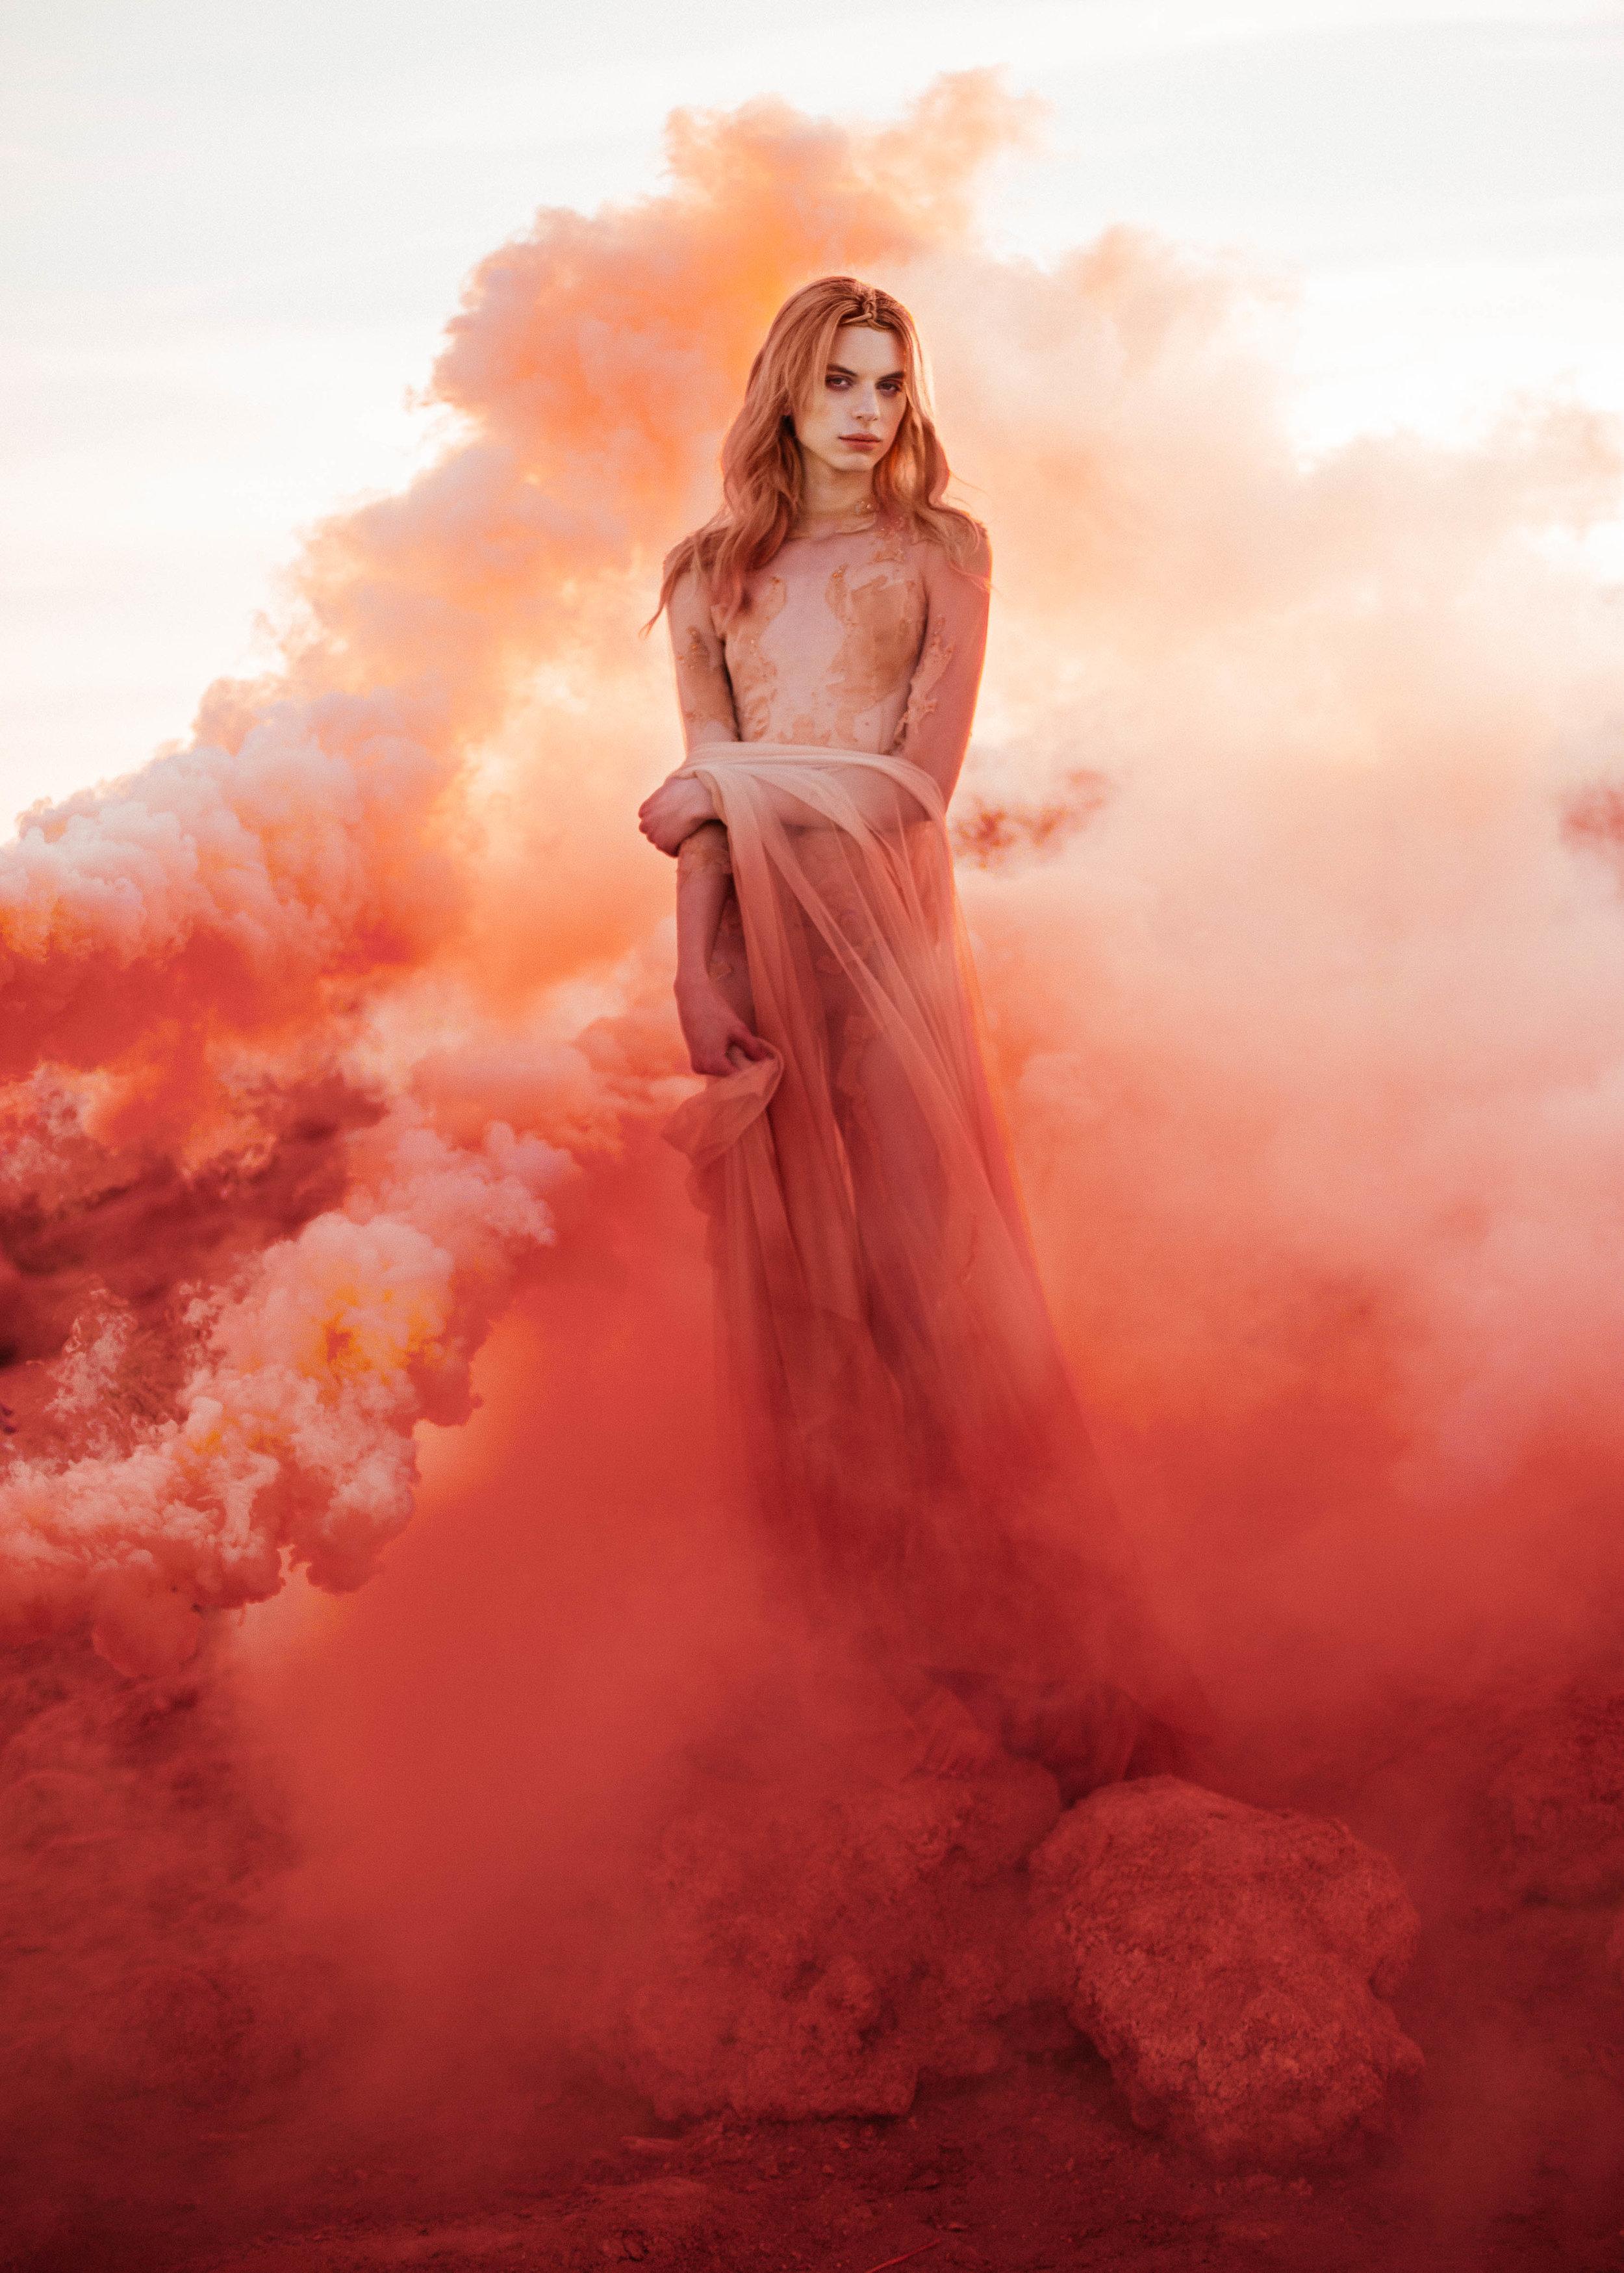 IMAGE 1: Natasha Wilson @deanastacia / Model: Chad Woodhouse